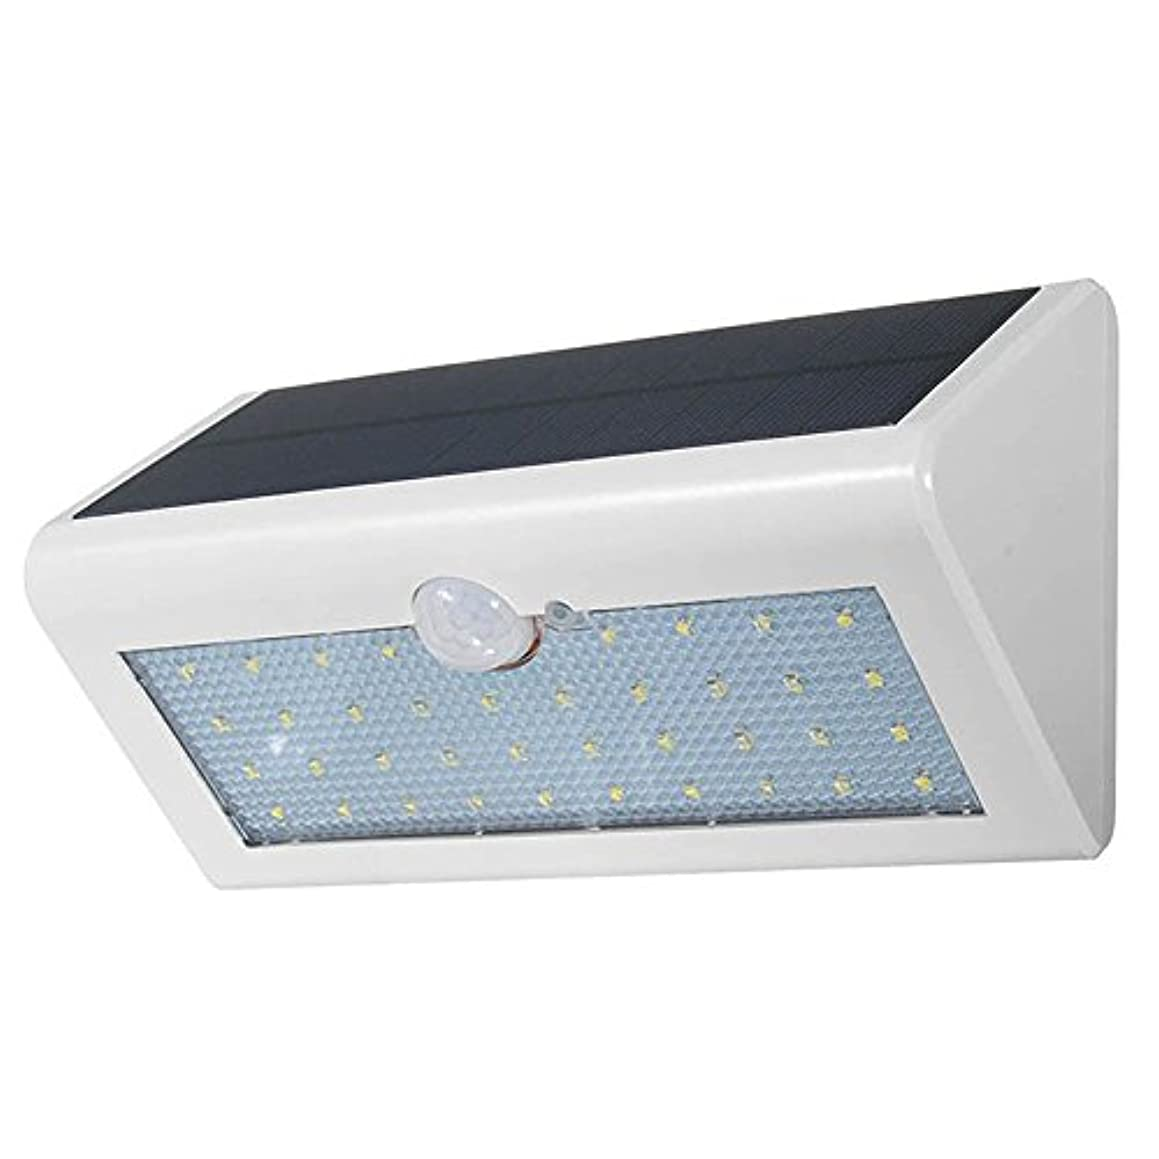 梨調整修正するFXJDD ホワイト38 LEDソーラーライト屋外モーションセンサーウォールライト4つのモードで自動オン/オフ屋外防水セキュリティライト壁フェンスデッキヤードガレージドライブウェイのナイトライト FXJDD